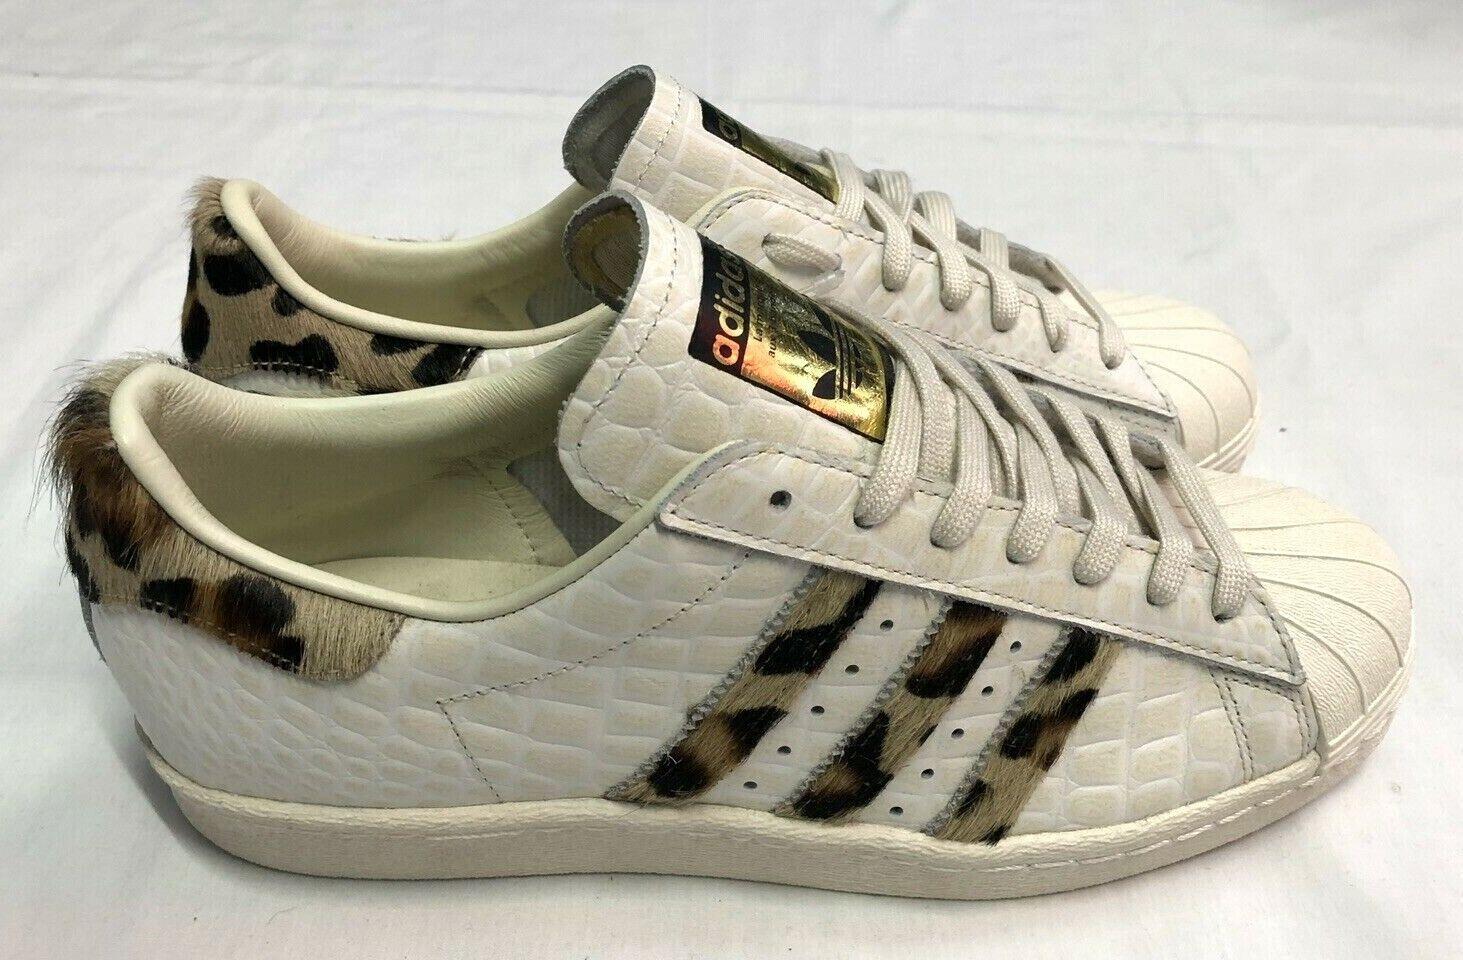 Adidas Superstar años 80 entrenadores de animales, blancoo apagado, Reino Unido 8